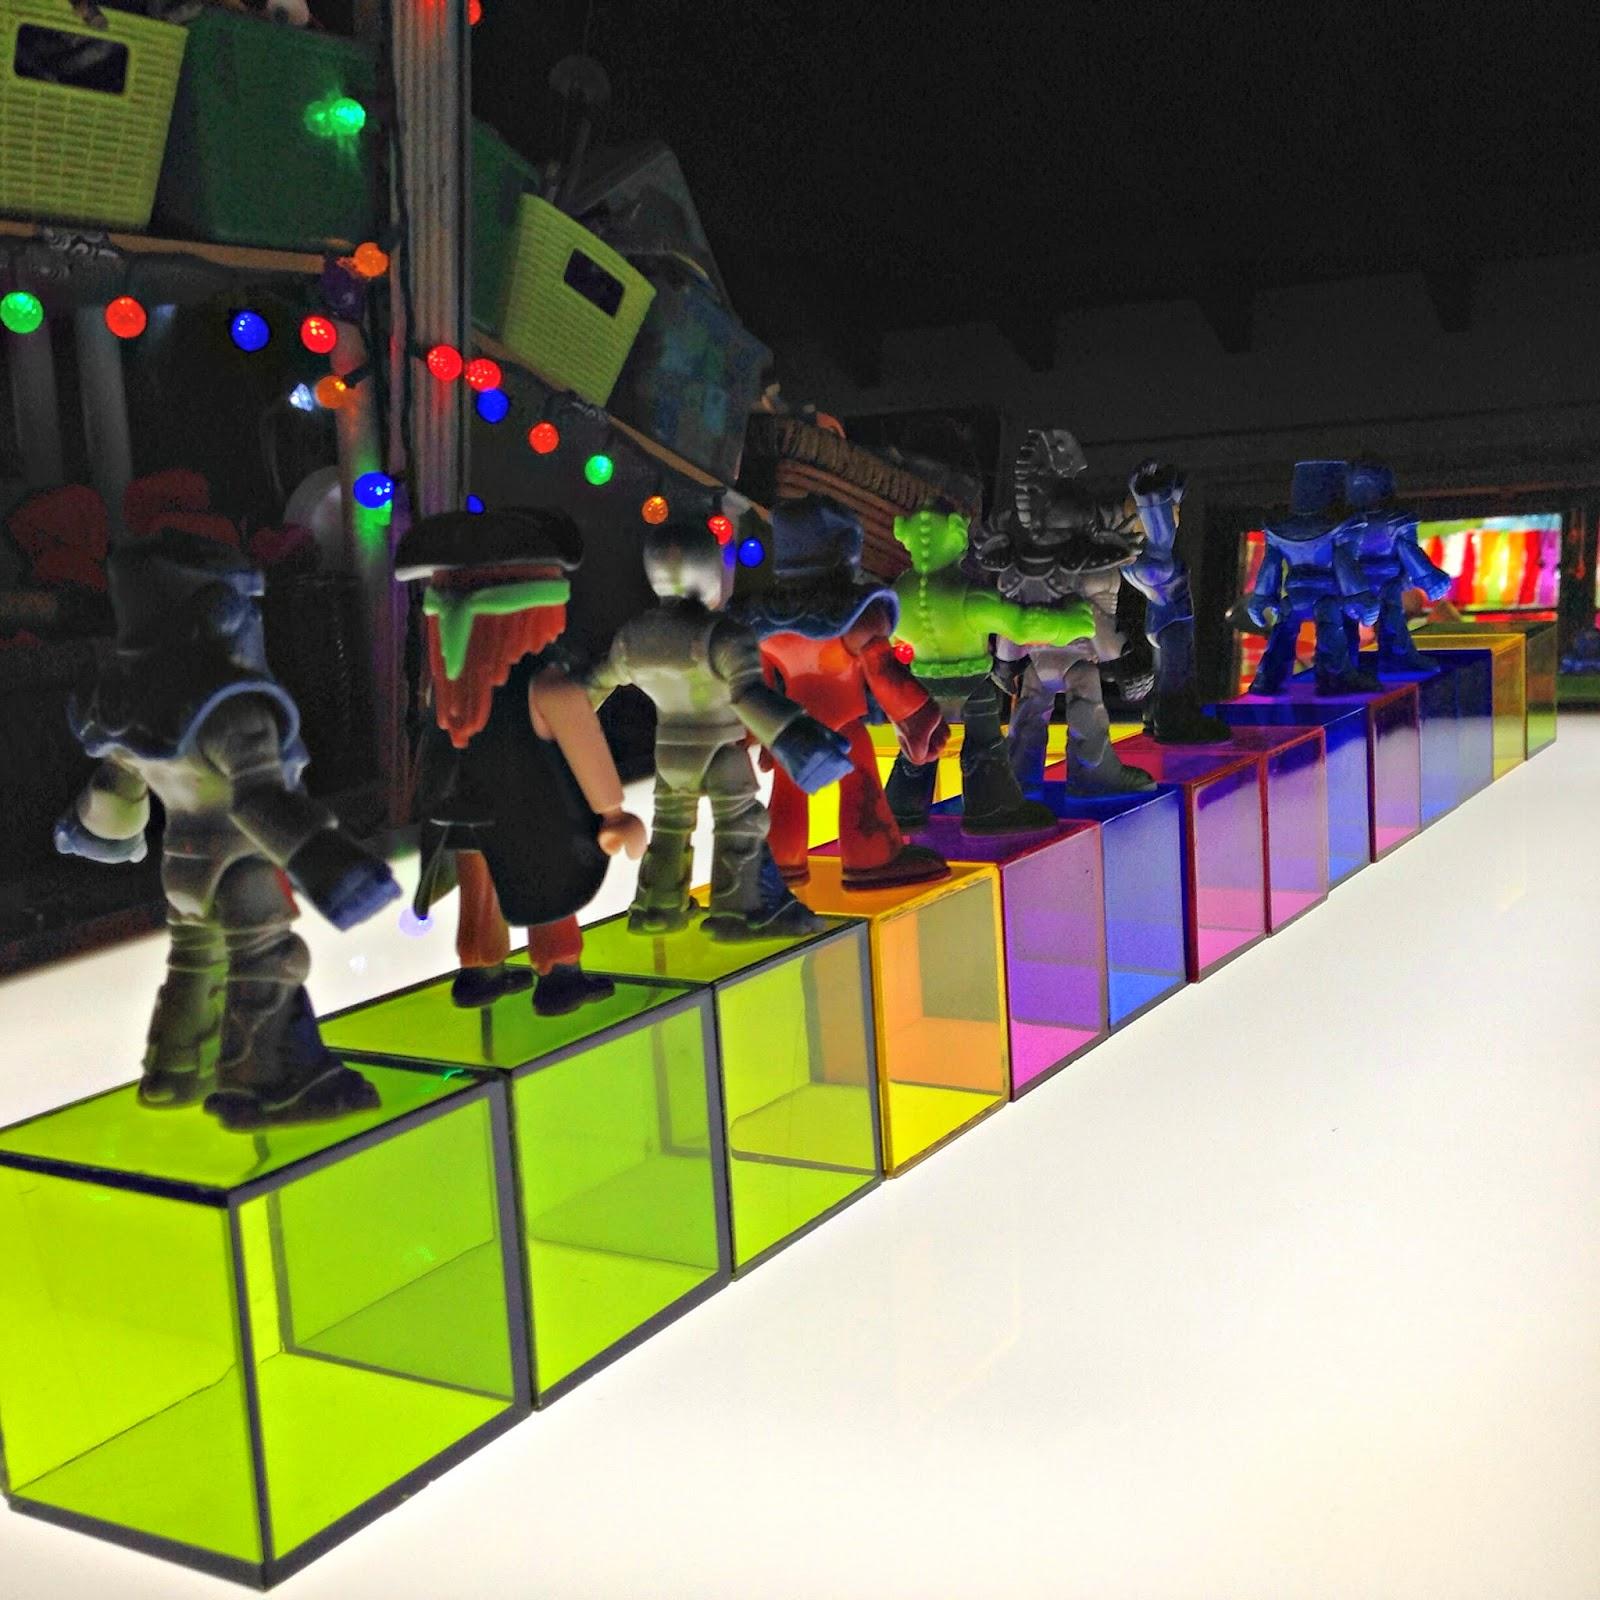 blocks on a light table